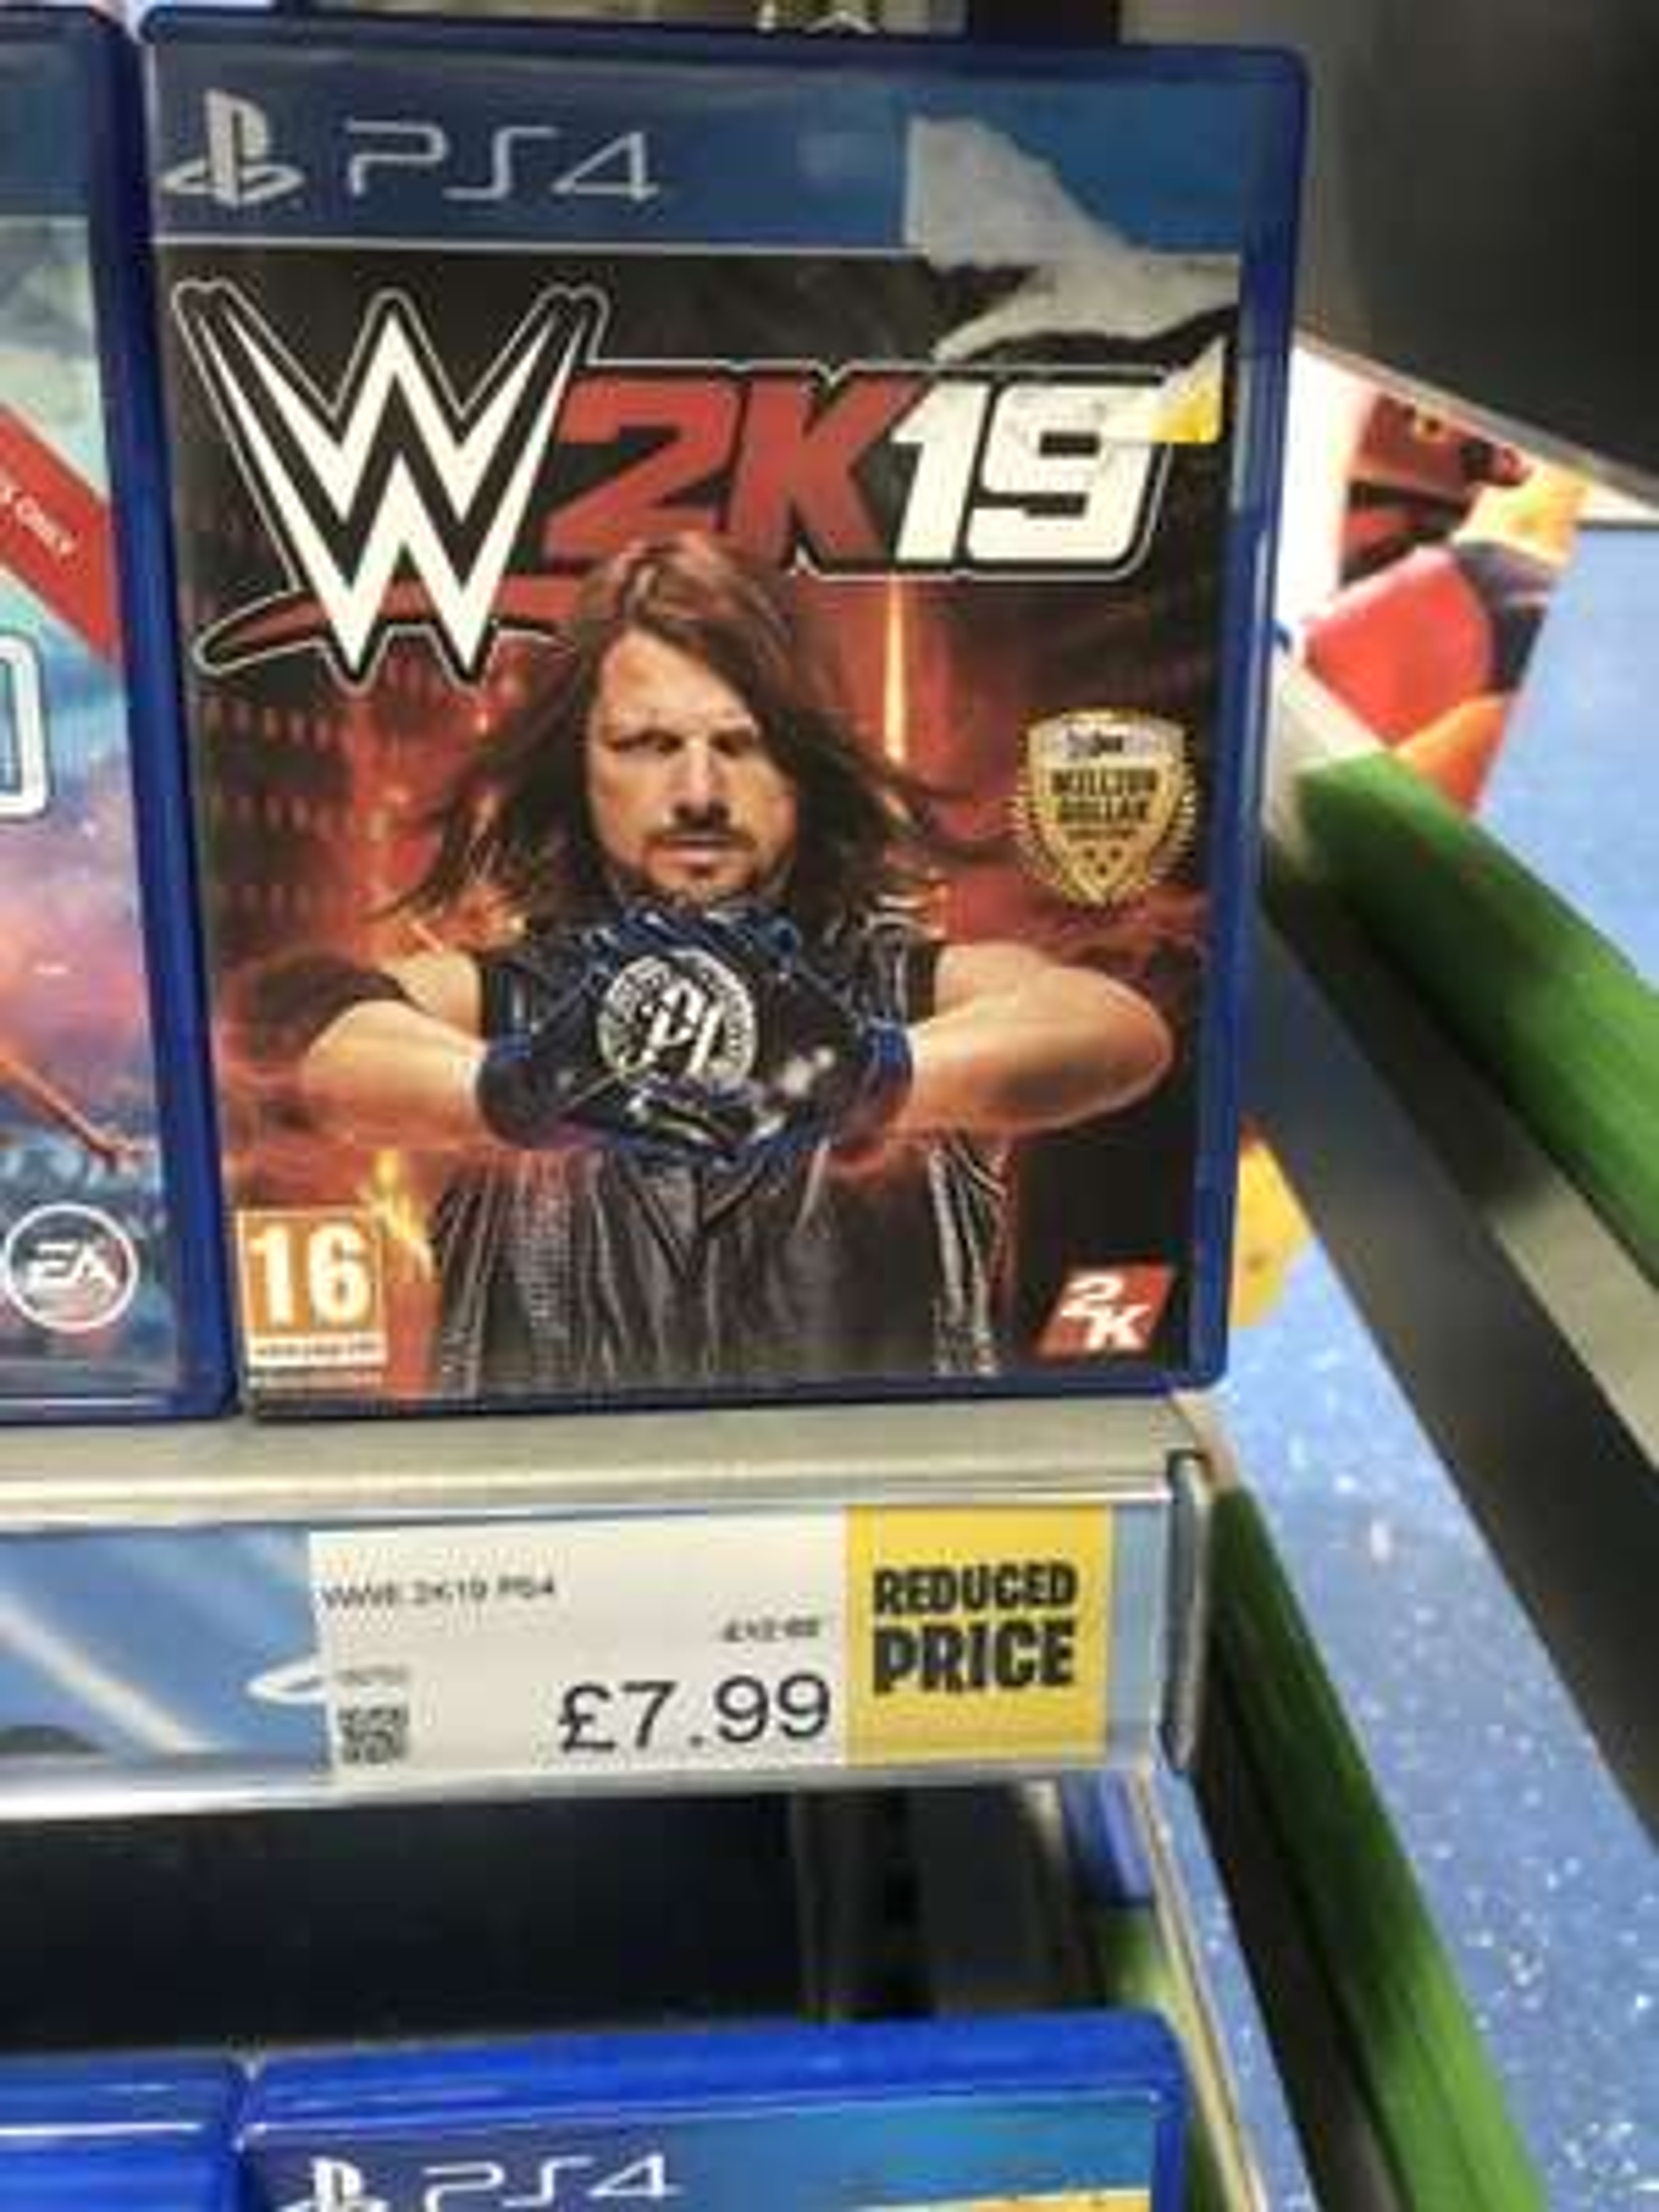 WWE 2K19 £7.99 @ Smyths Toys (Grimsby)